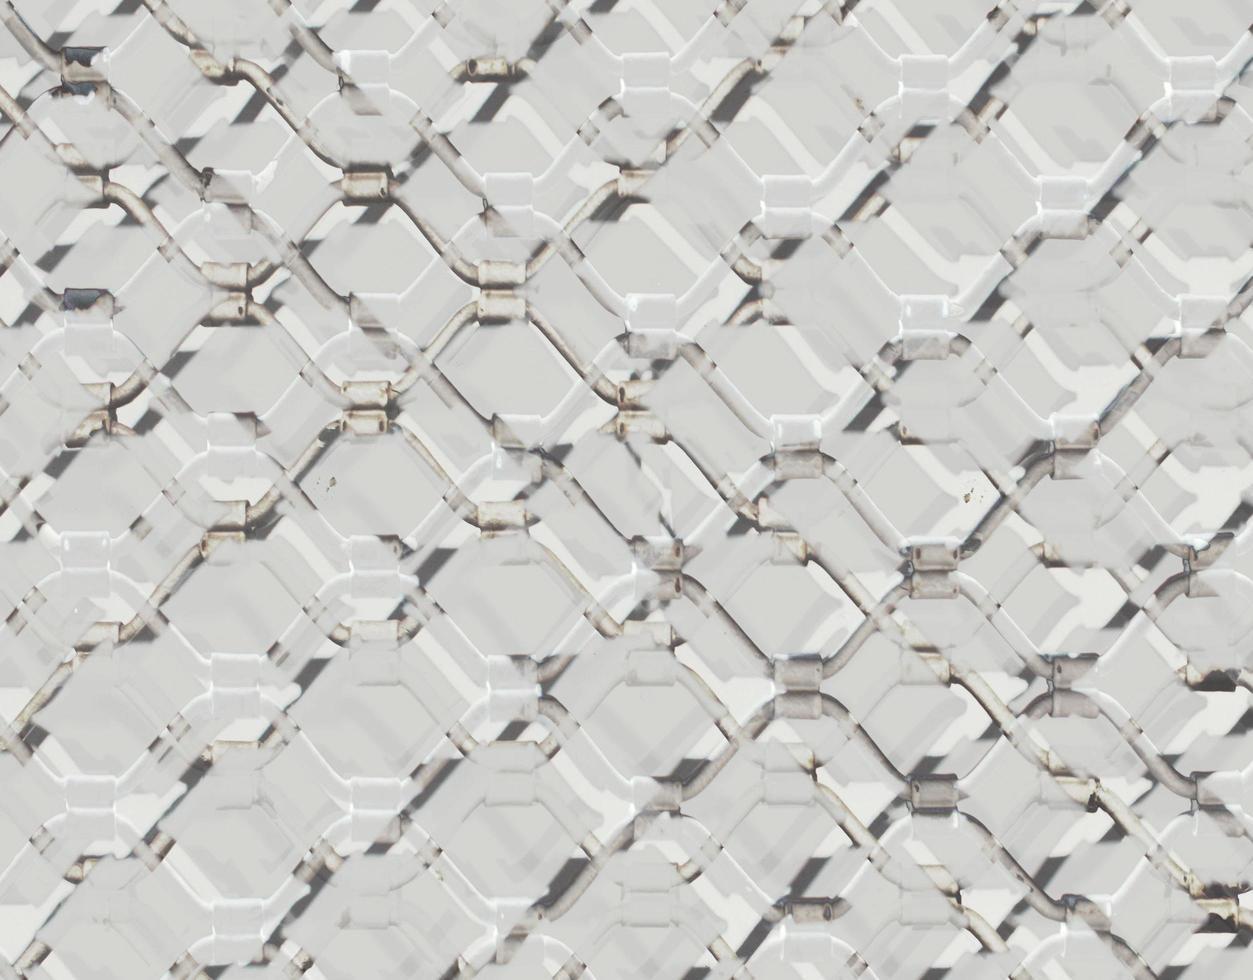 texture en acier de porte abstraite photo